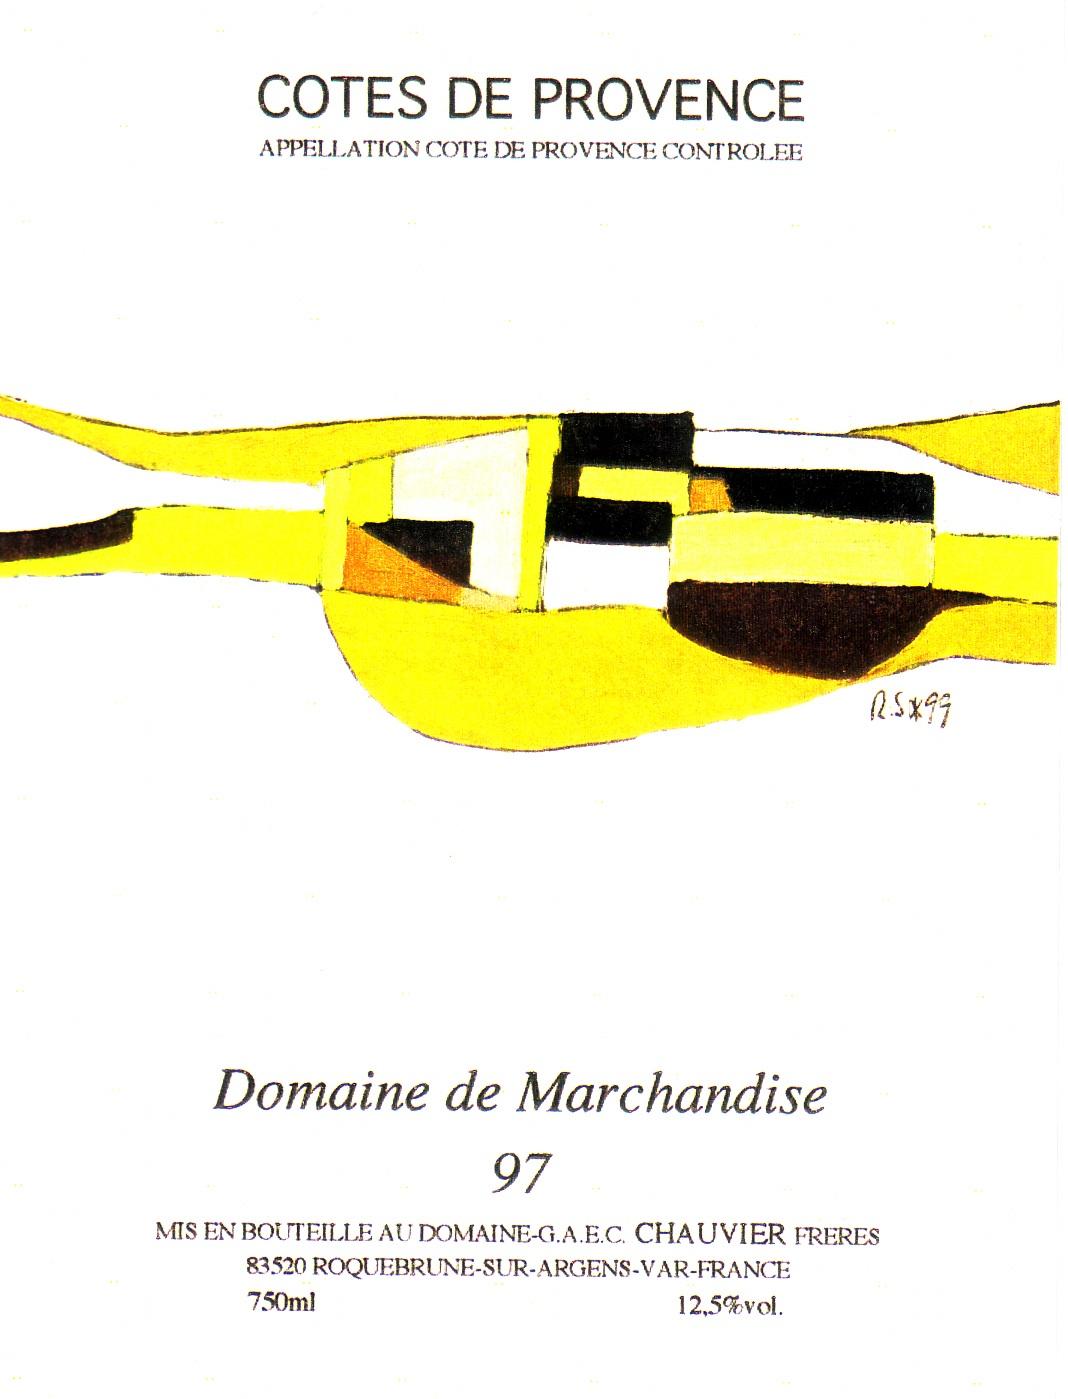 COTE DE PROVENCE 1999